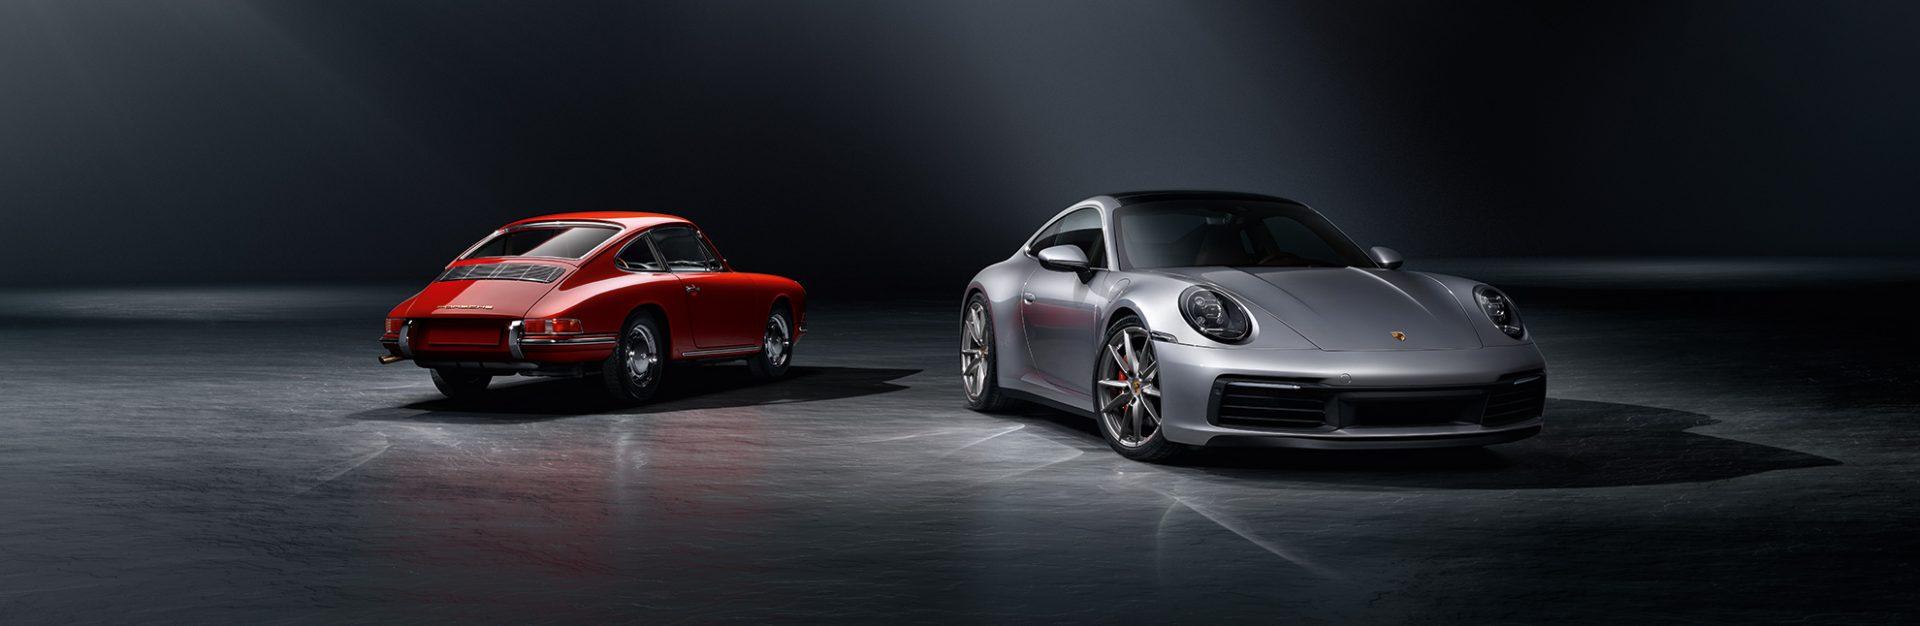 Samochody-używane-Porsche-Approved